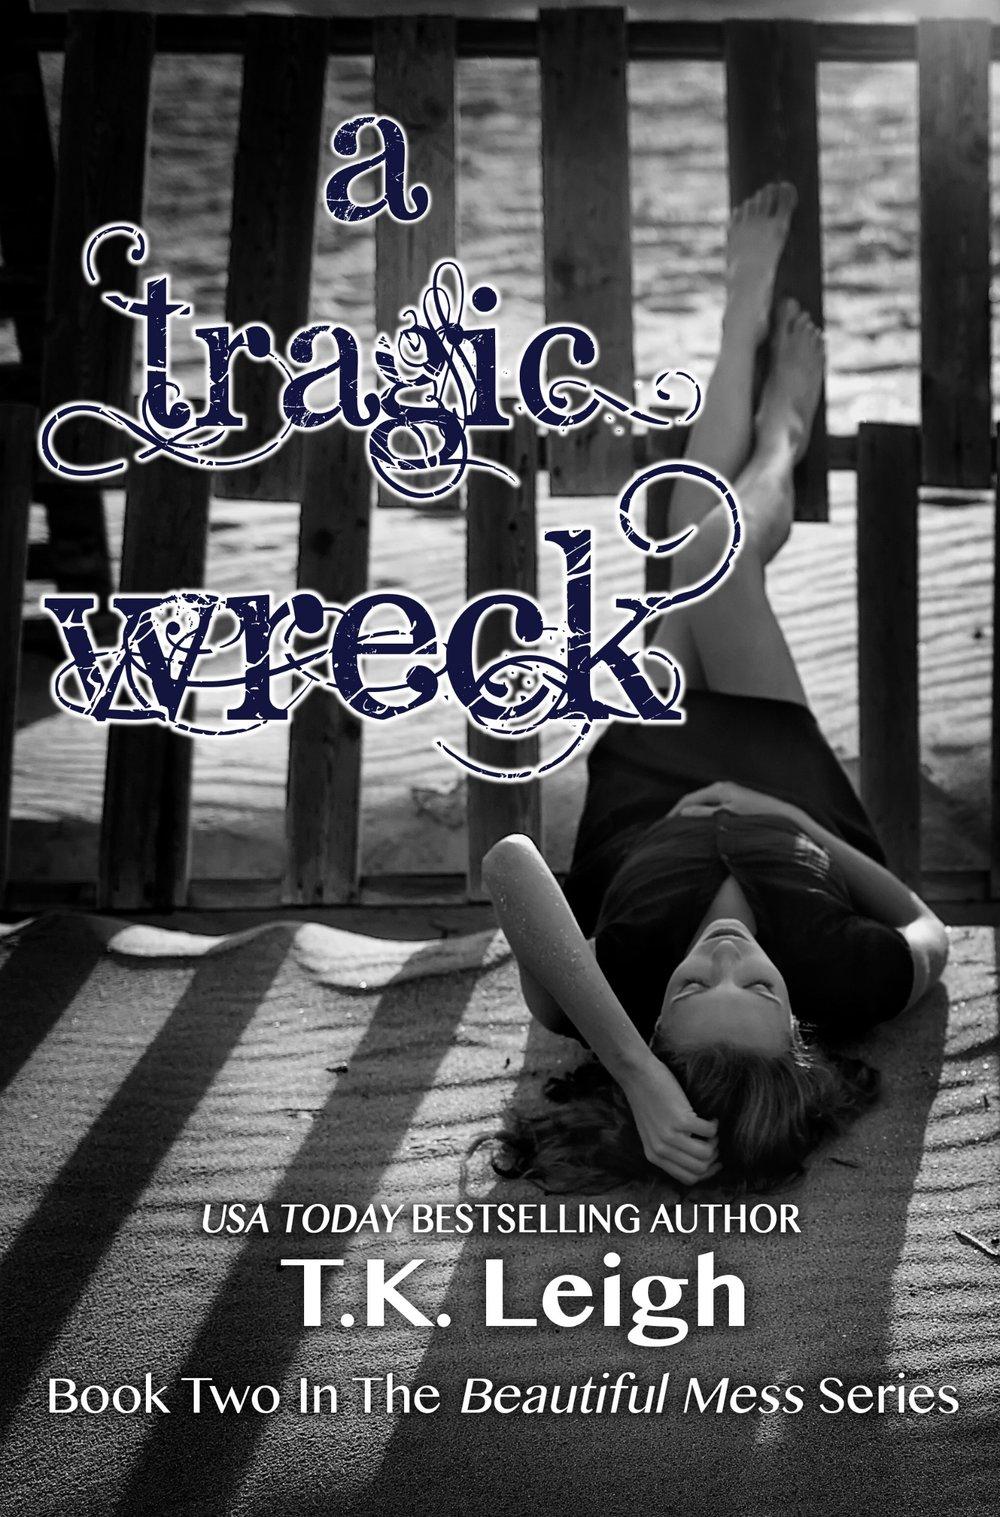 A Tragic Wreck Ebook Cover.jpg